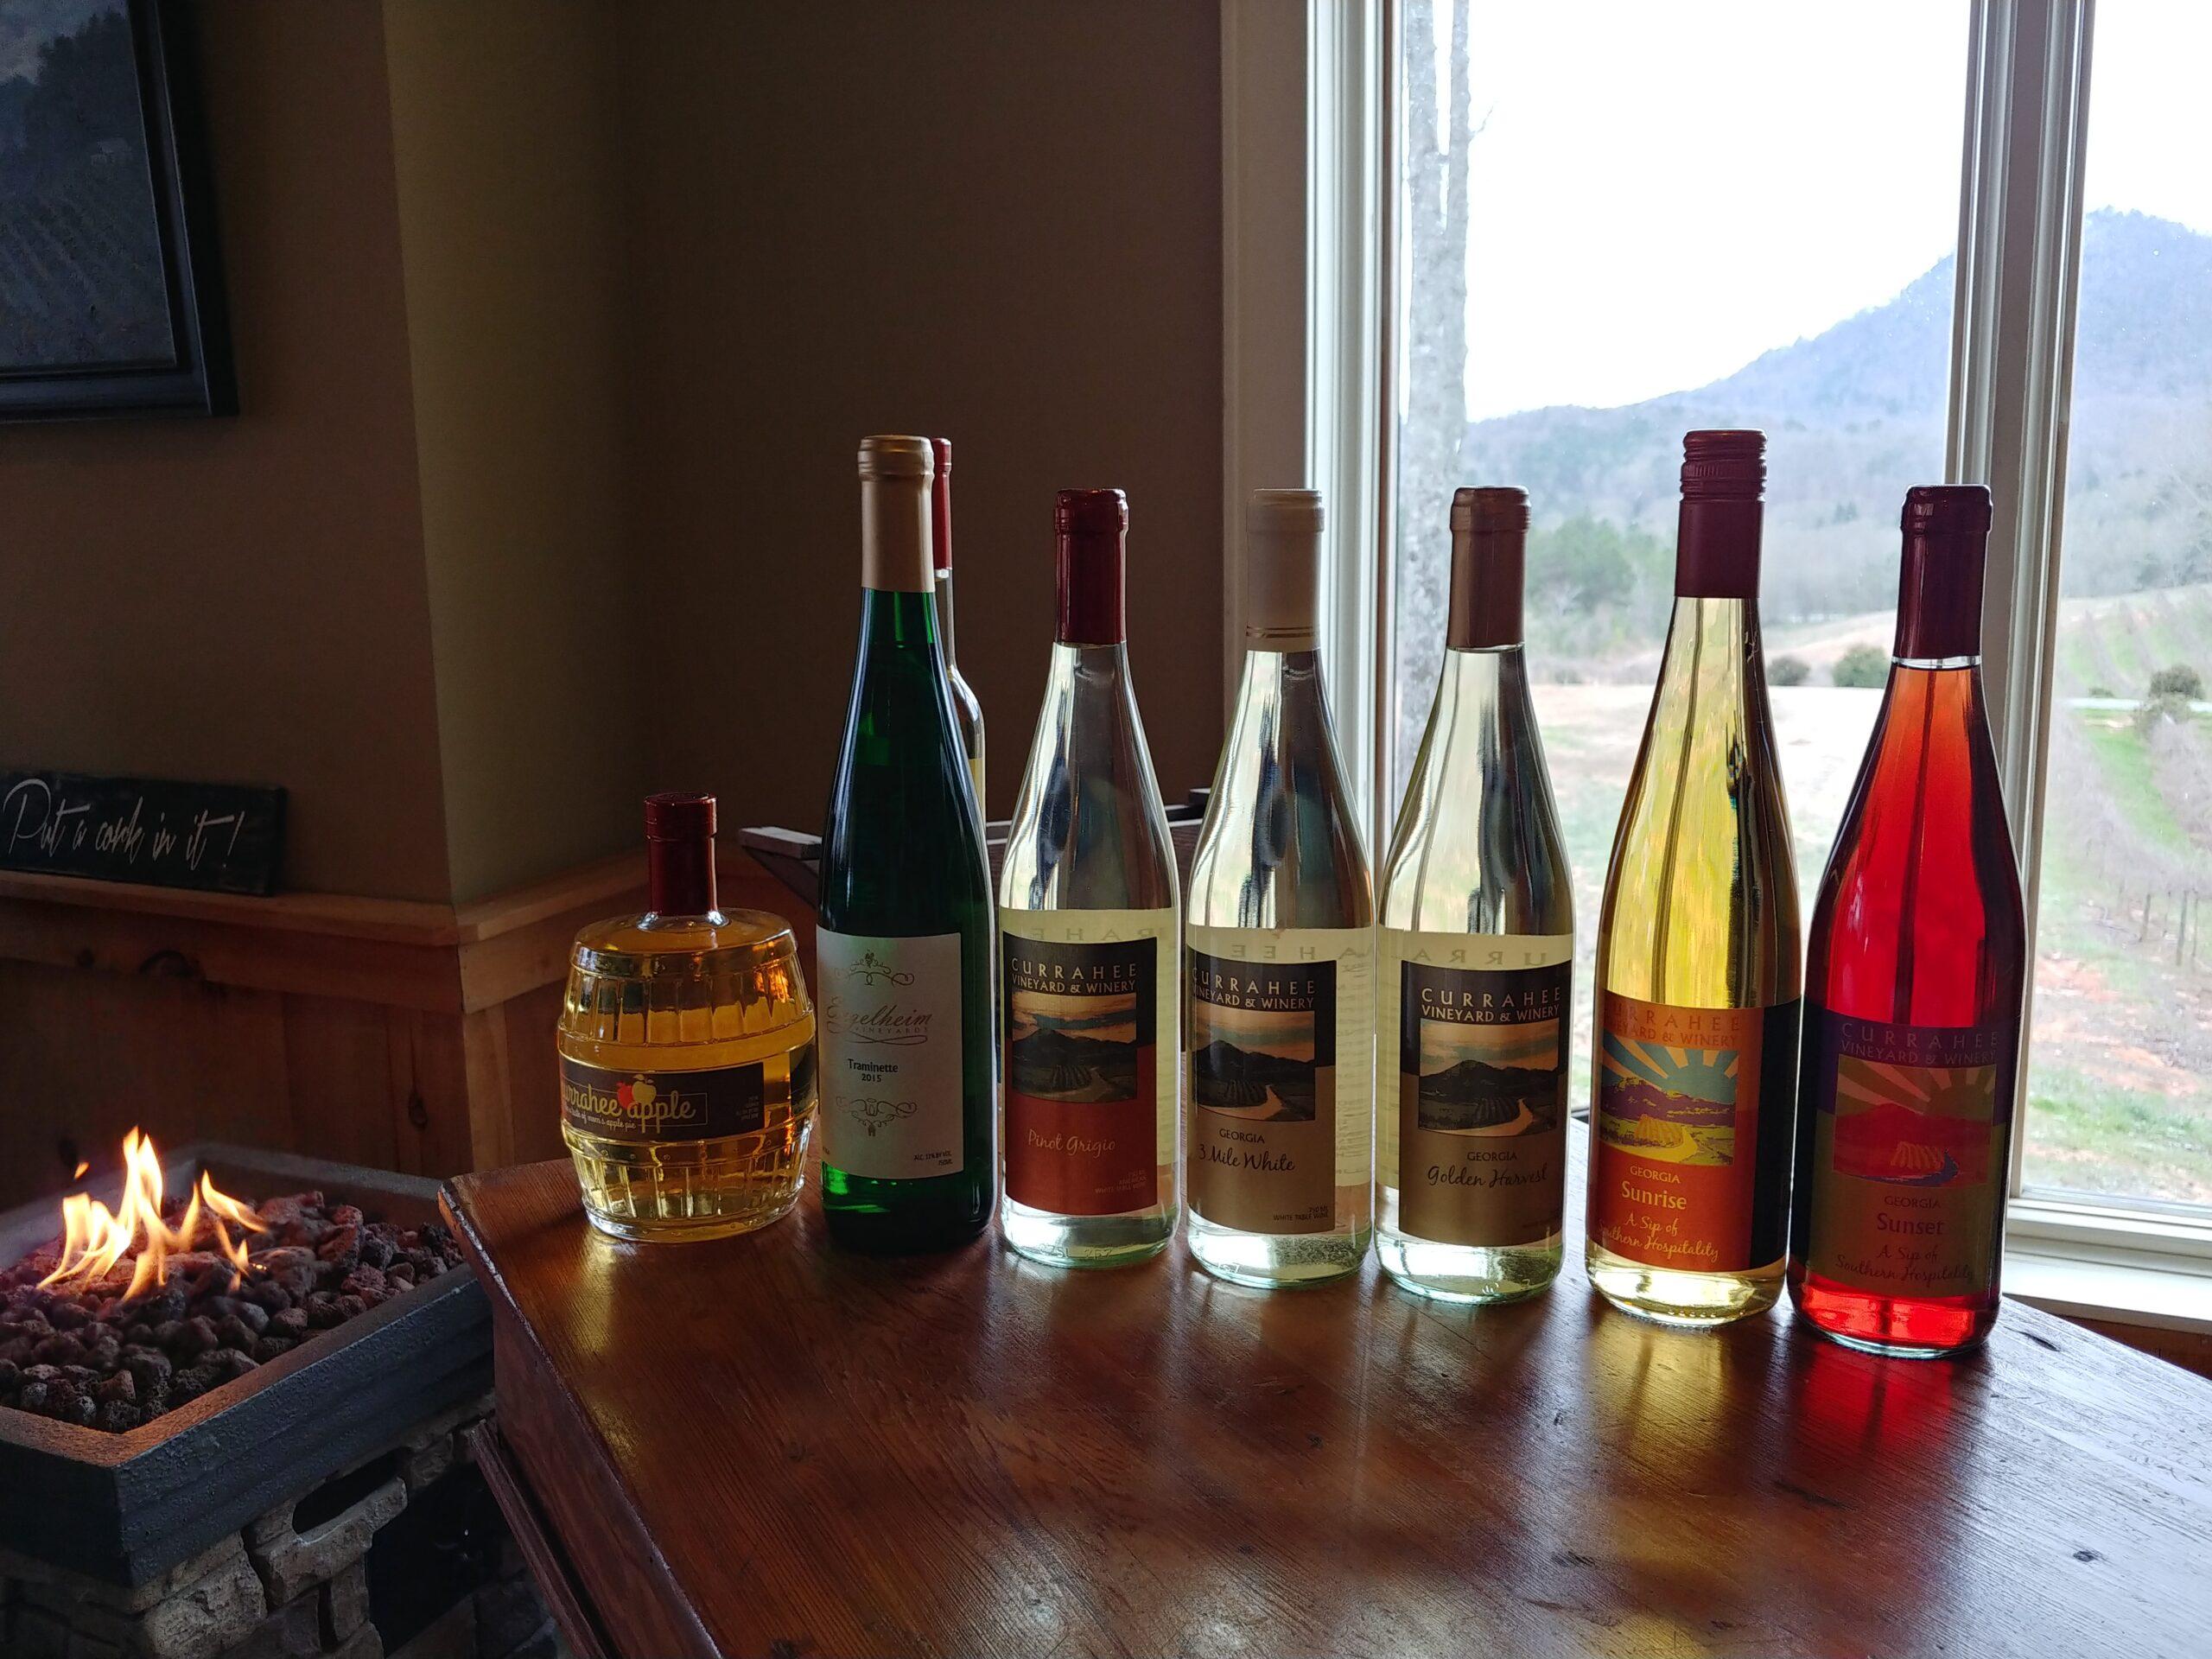 Currahee-Vineyards-White-Rose-Wines-2018-03